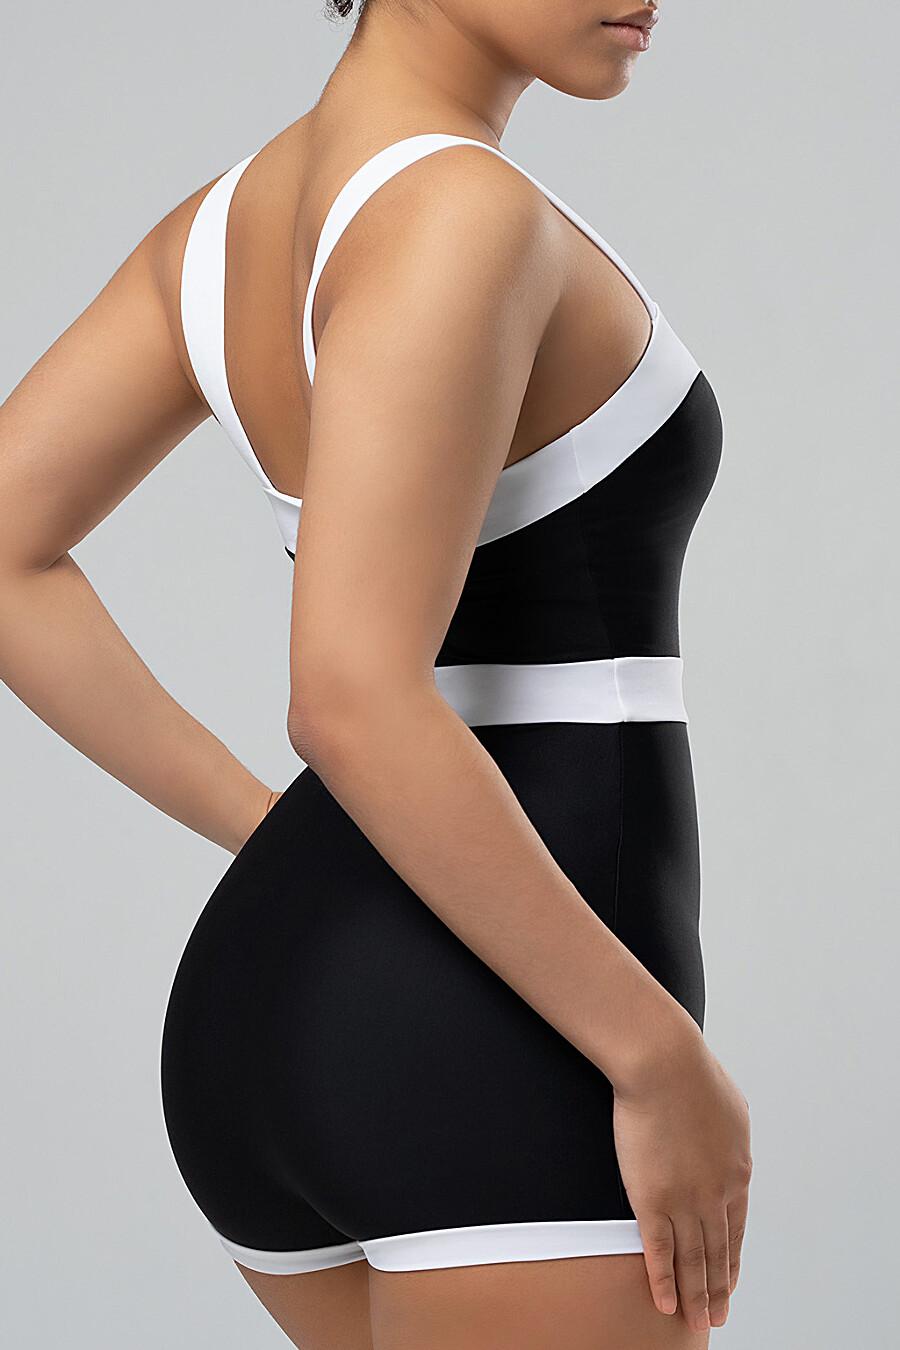 Купальник для женщин OPIUM 649132 купить оптом от производителя. Совместная покупка женской одежды в OptMoyo